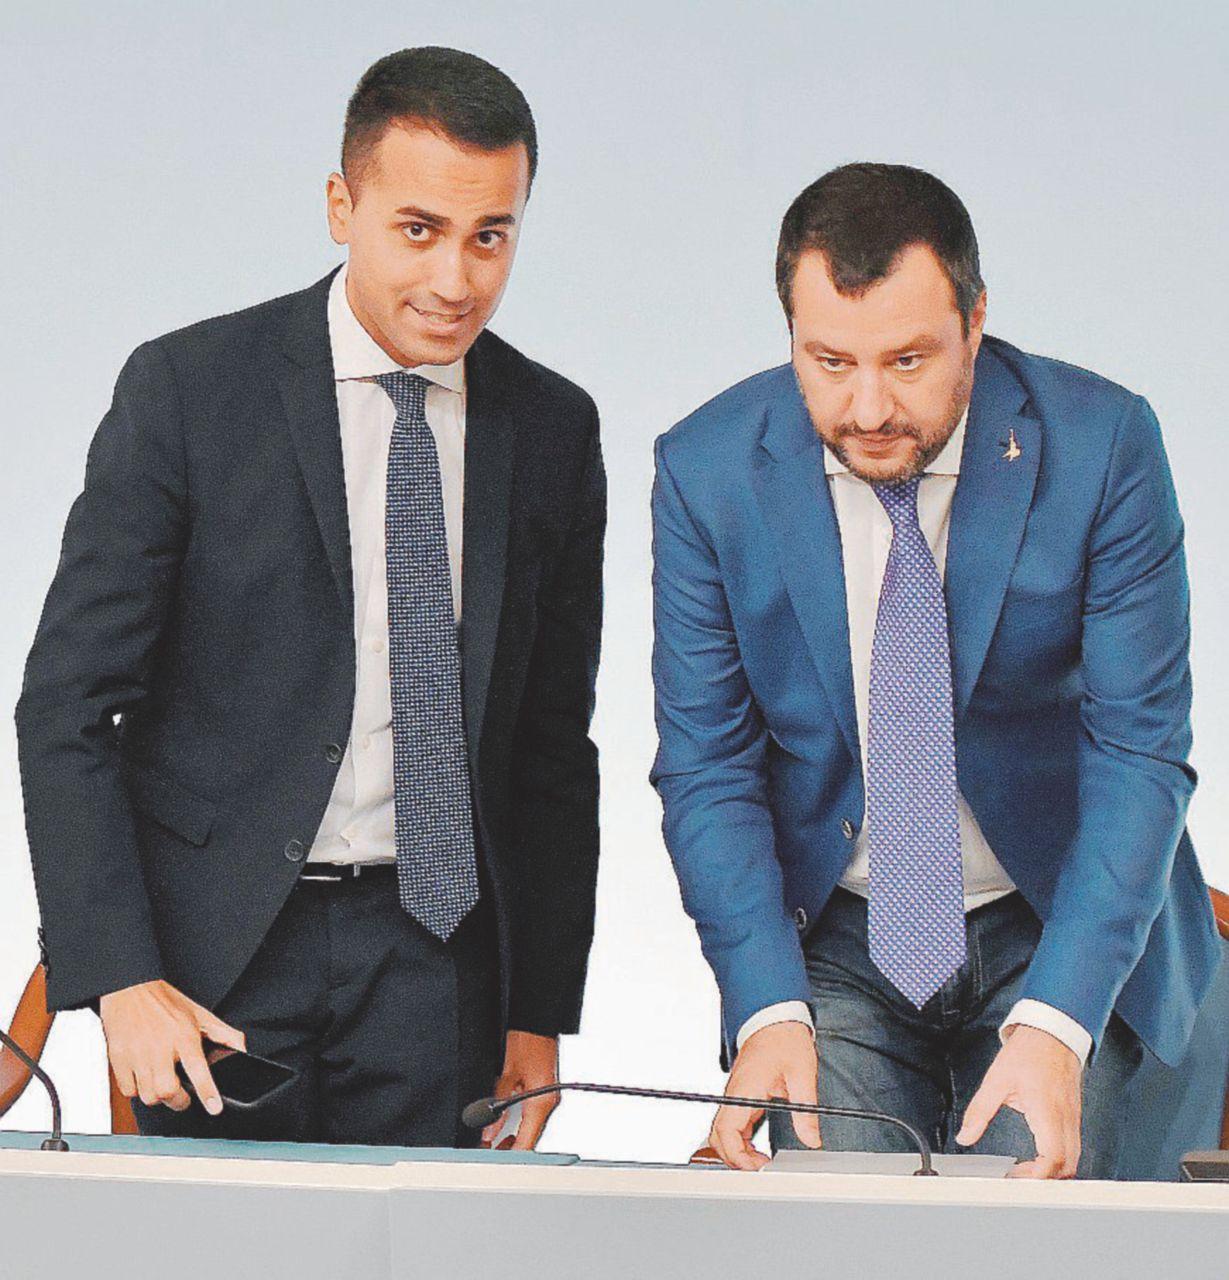 In Edicola sul Fatto Quotidiano del 23 ottobre: Evasori in carcere: sparita la promessa di Salvini e Di Maio